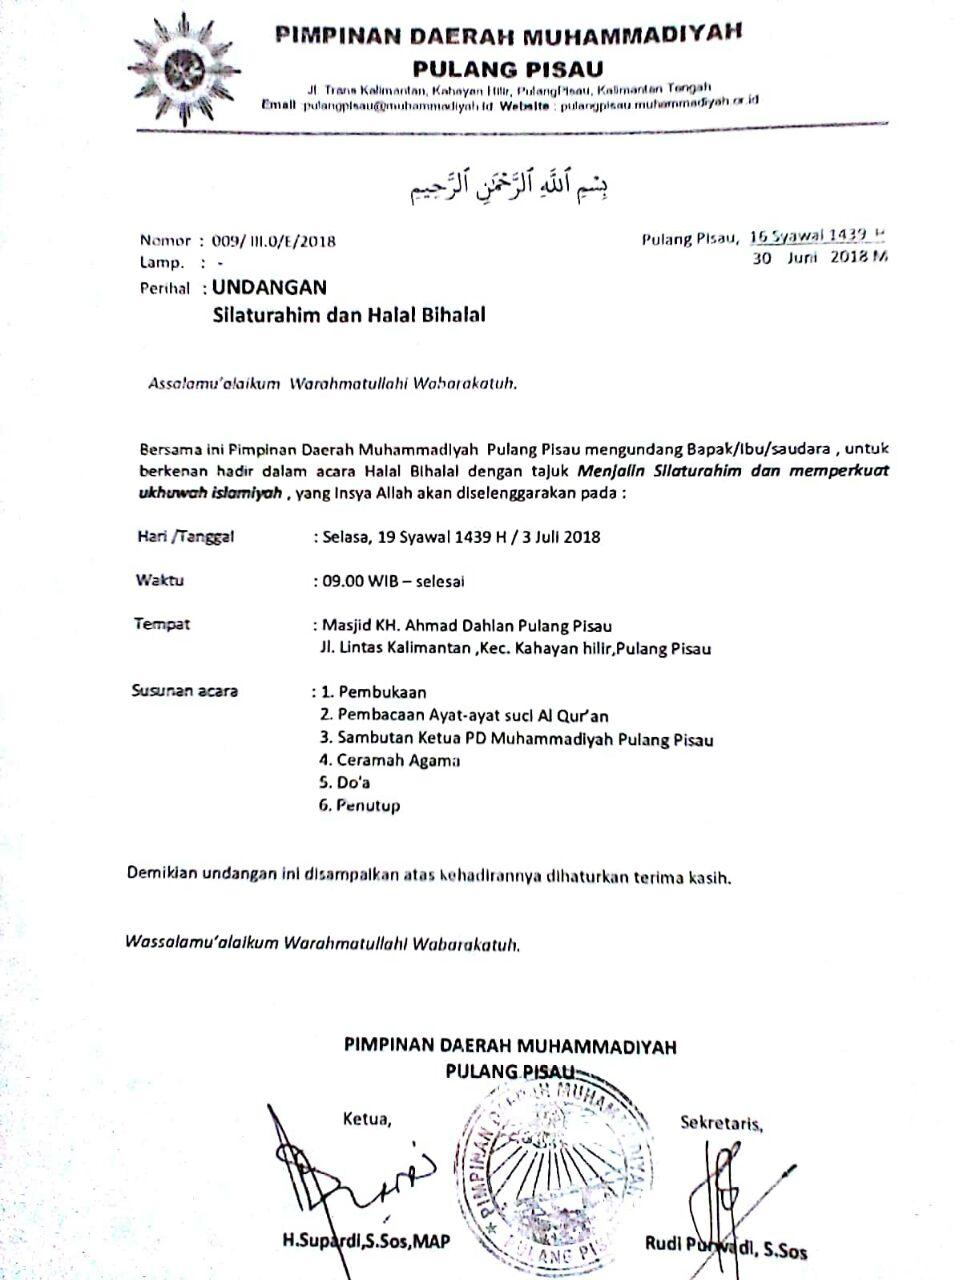 Undangan Silaturahmi Dan Halal Bihalal Keluarga Besar Muhammadiyah Pulang Pisau Pdm Kabupaten Pulang Pisau Muhammadiyah